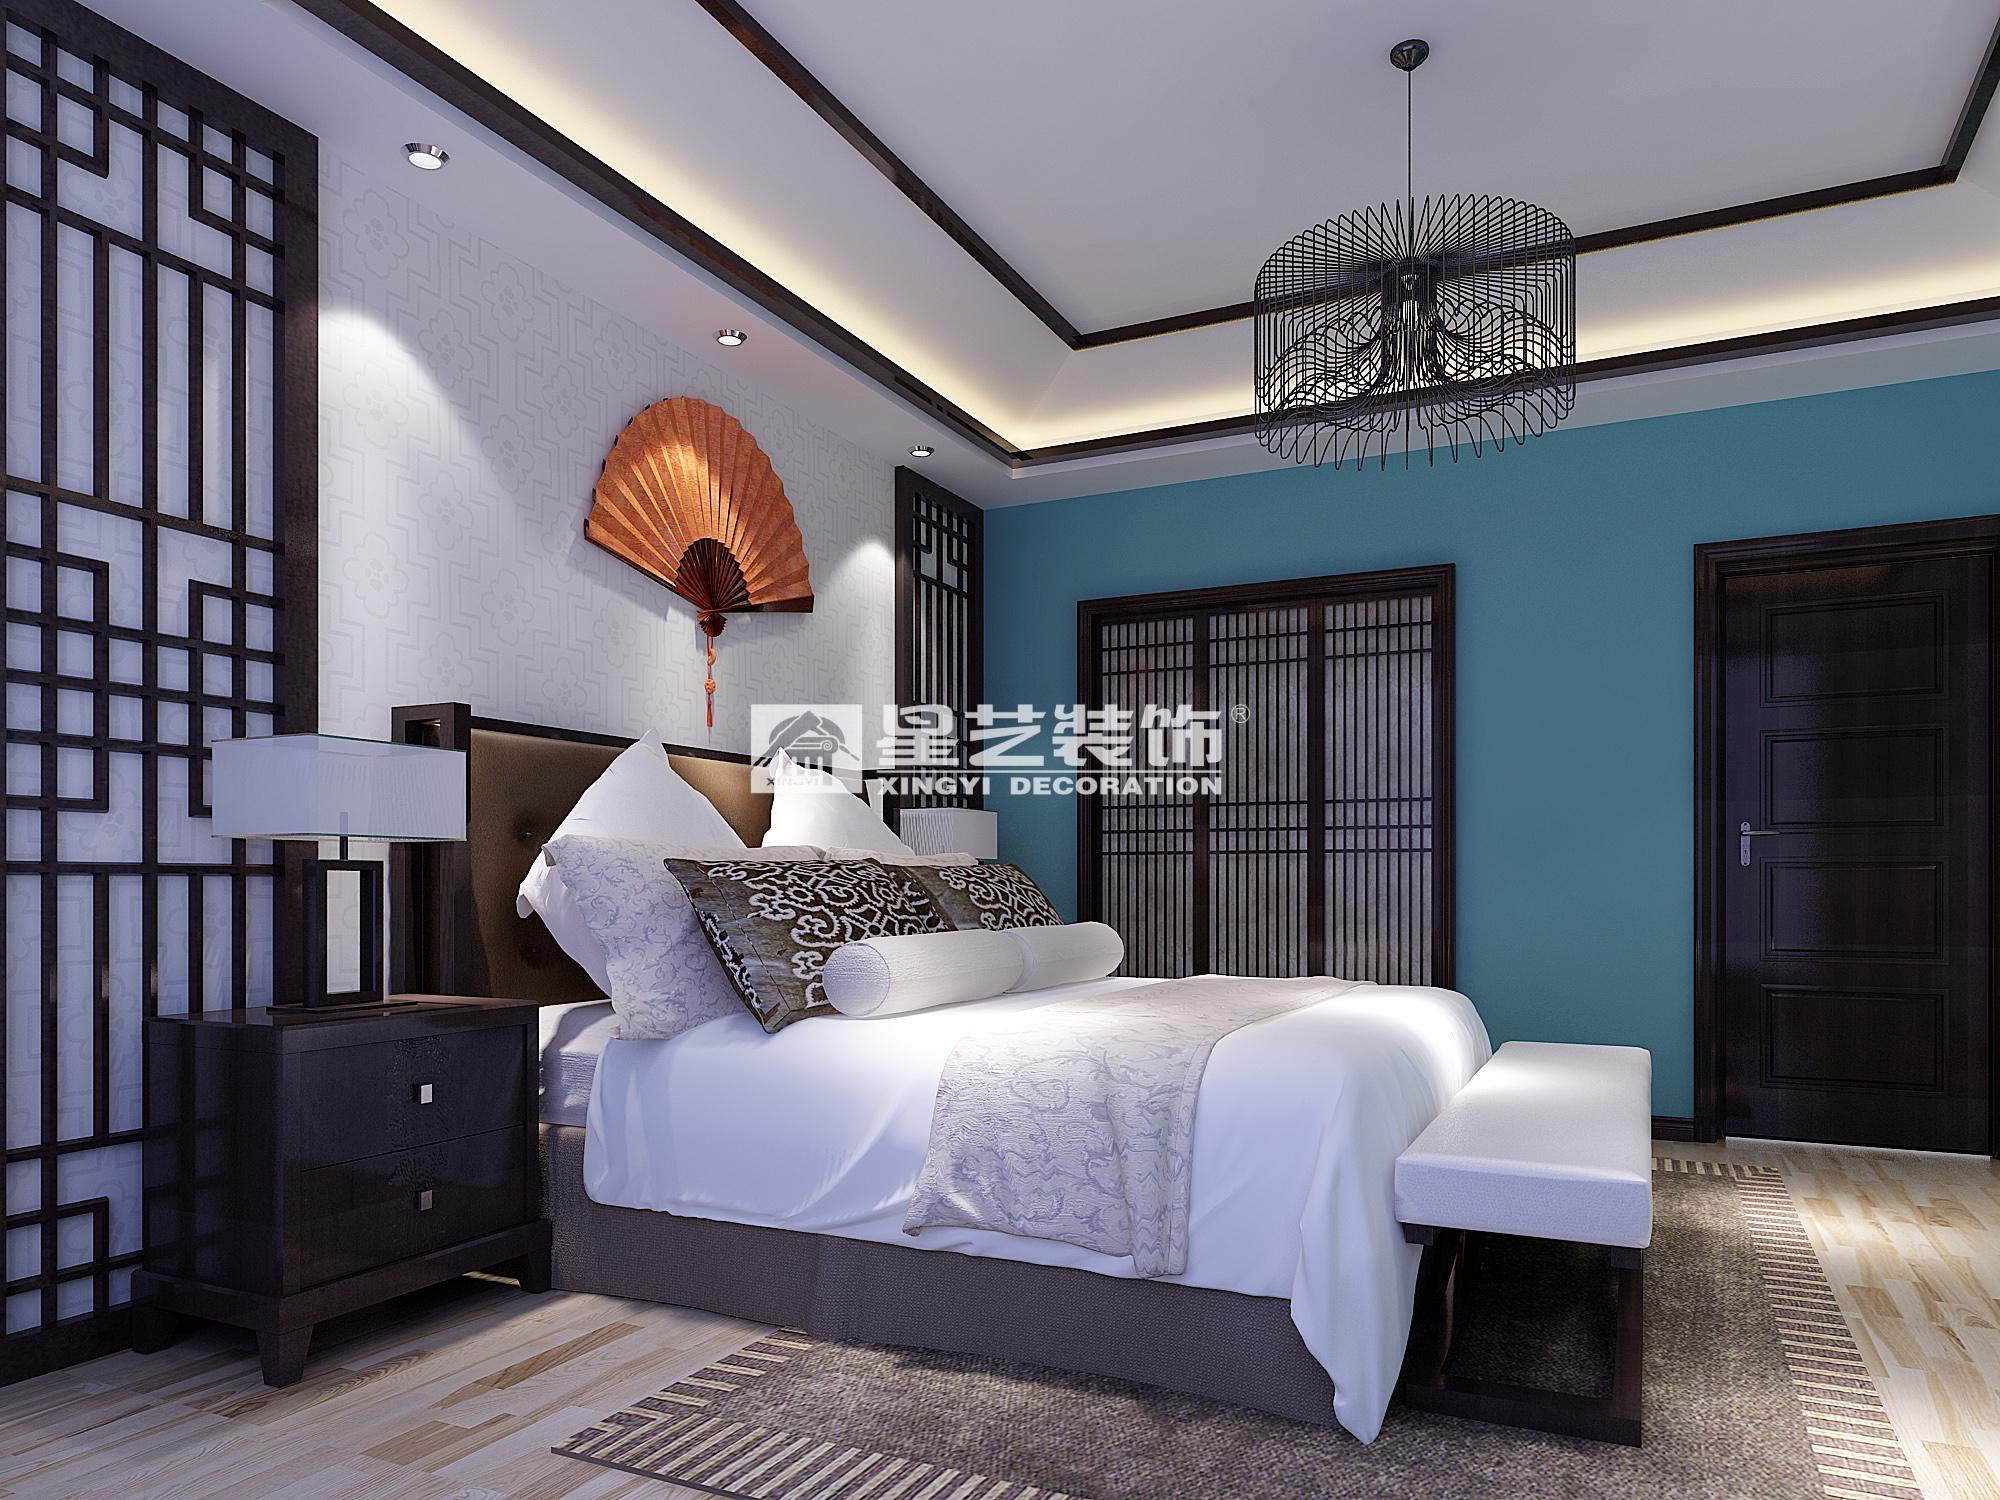 面积:130平米 所在楼盘:南充蓝光coco香江 工程造价:9w 装修用材:木纹